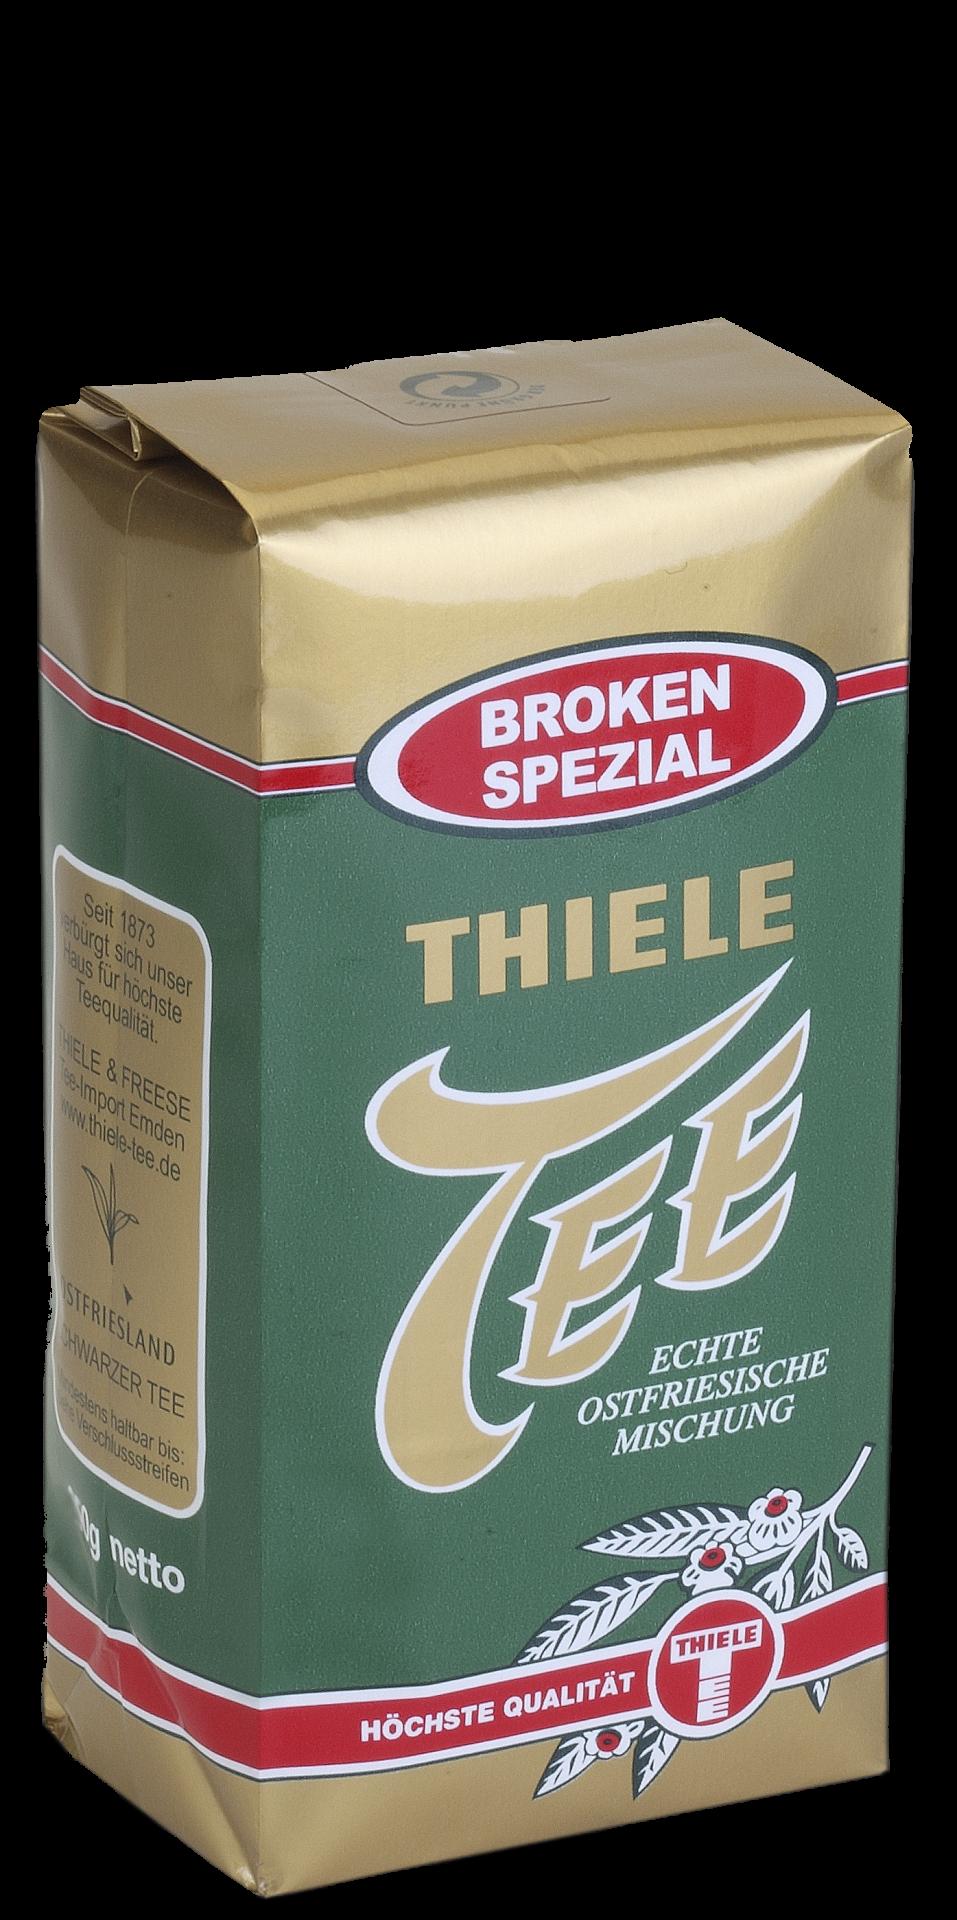 Broken Spezial 250g